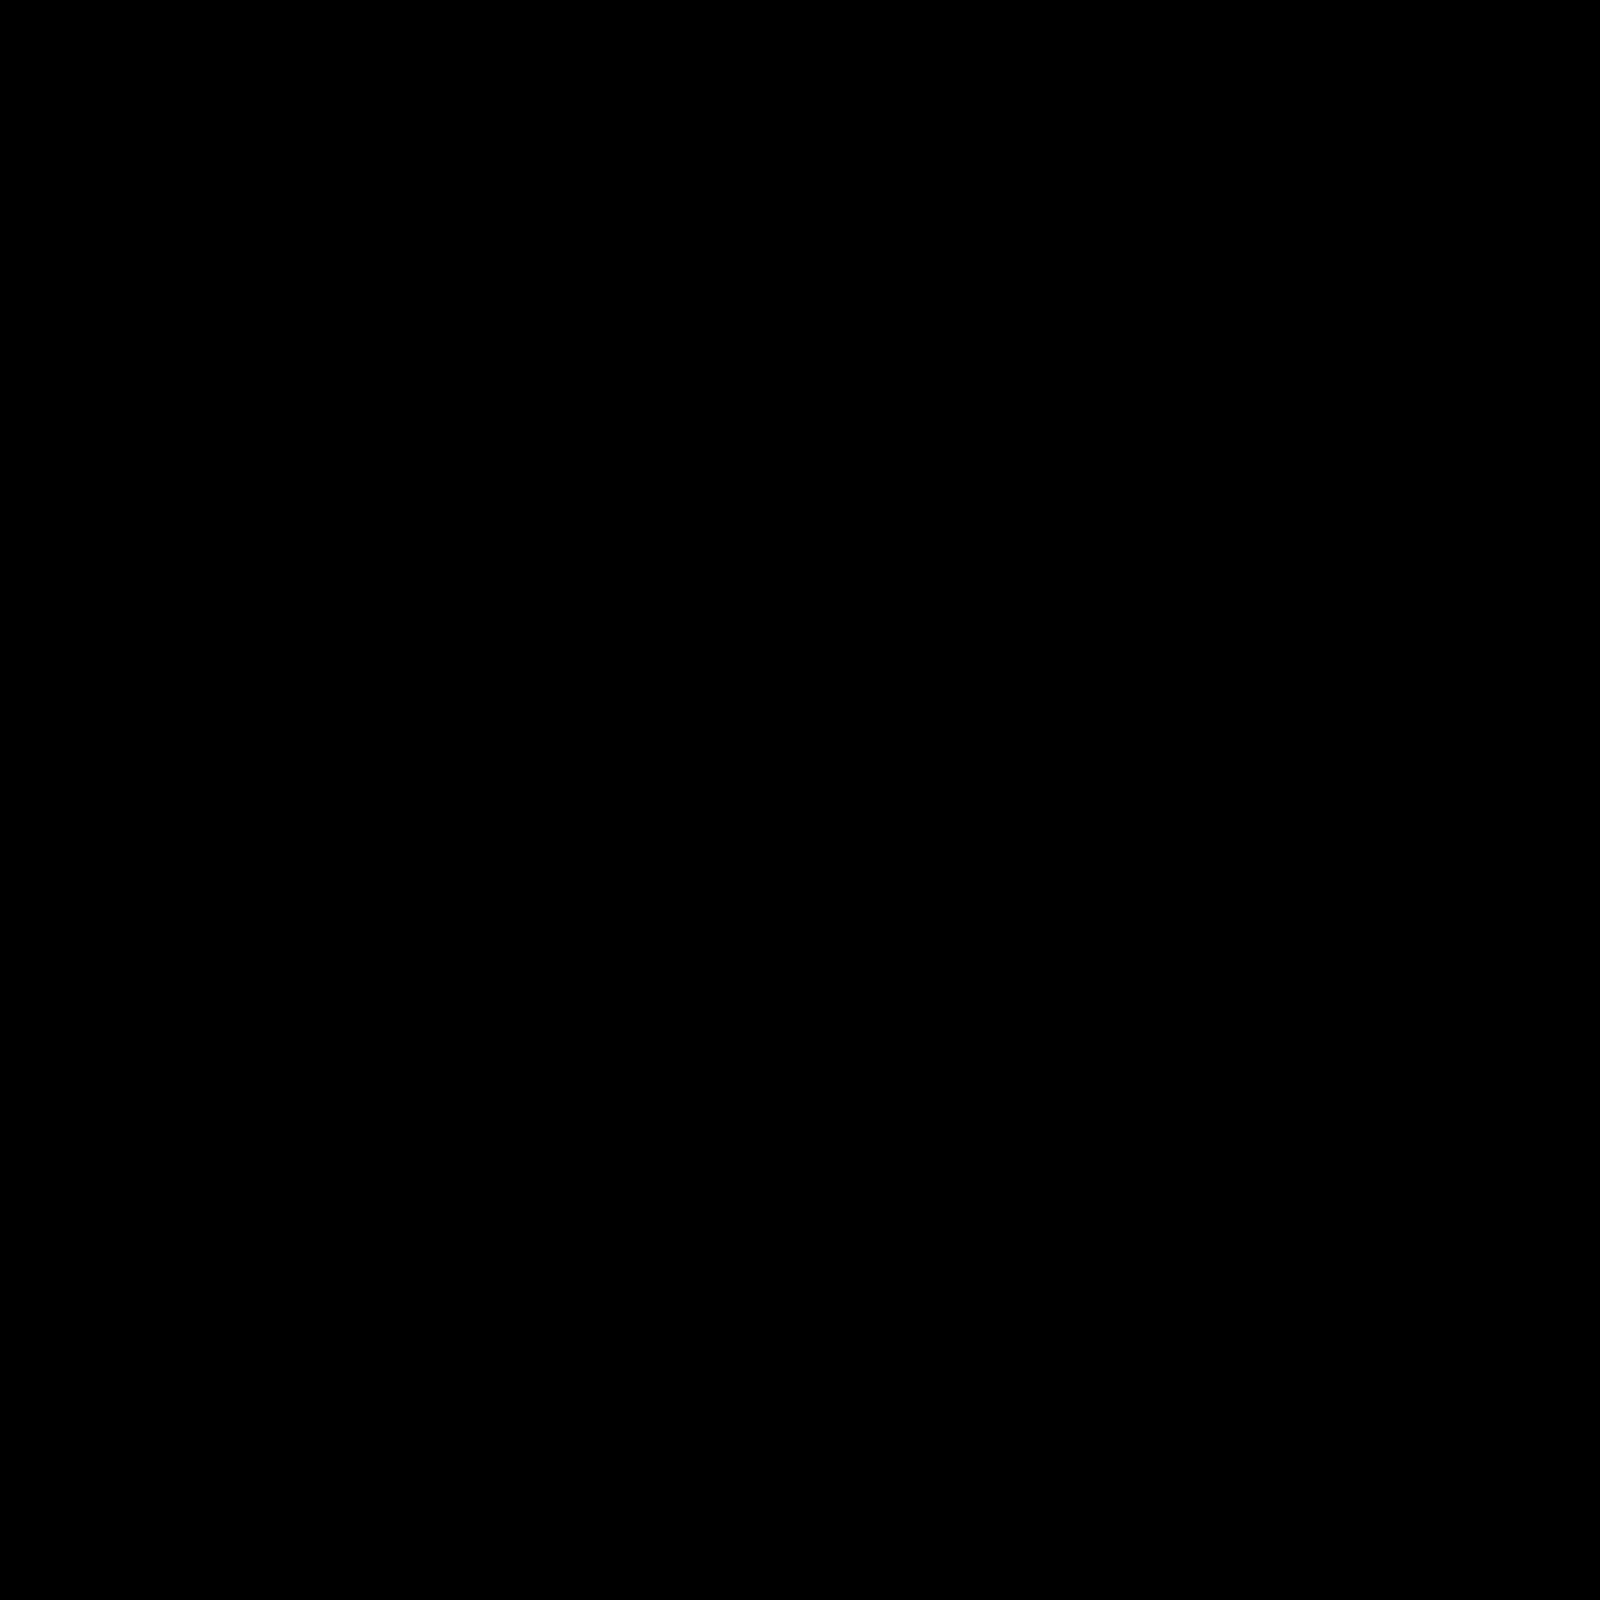 並べ替え icon